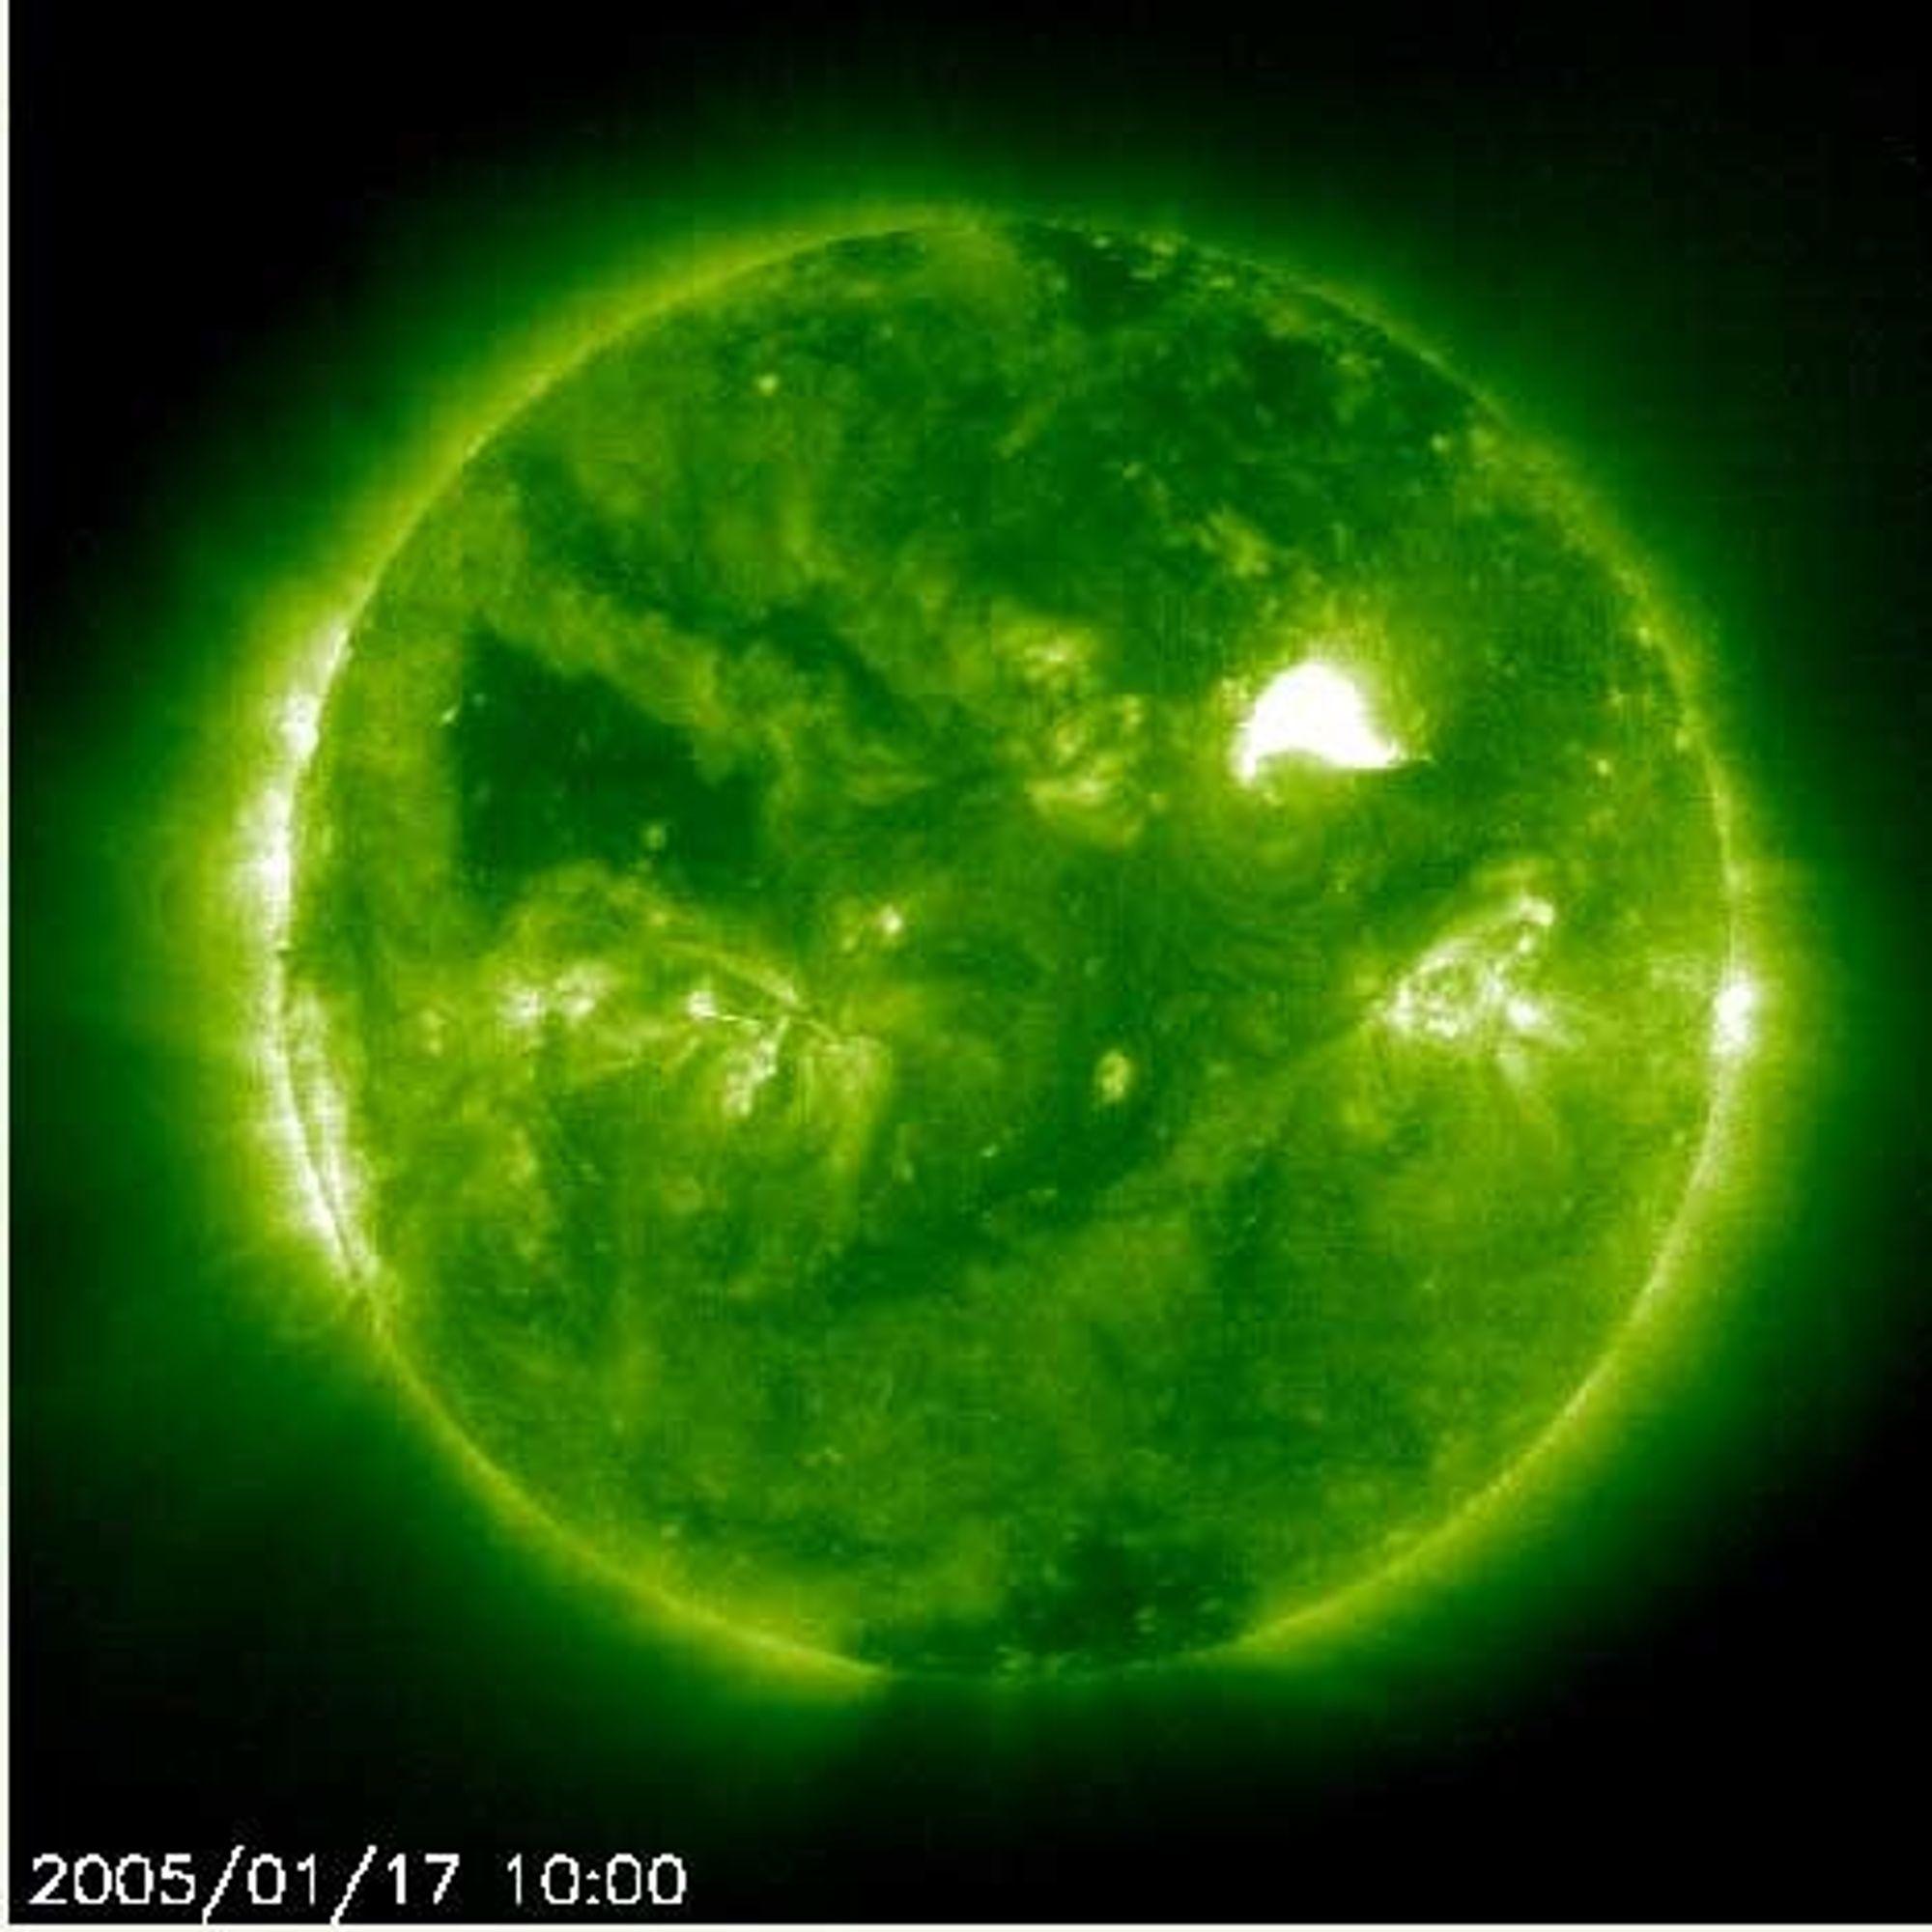 Kraftige solstormer 17. januar 2005. Foto: SOHO/NASA